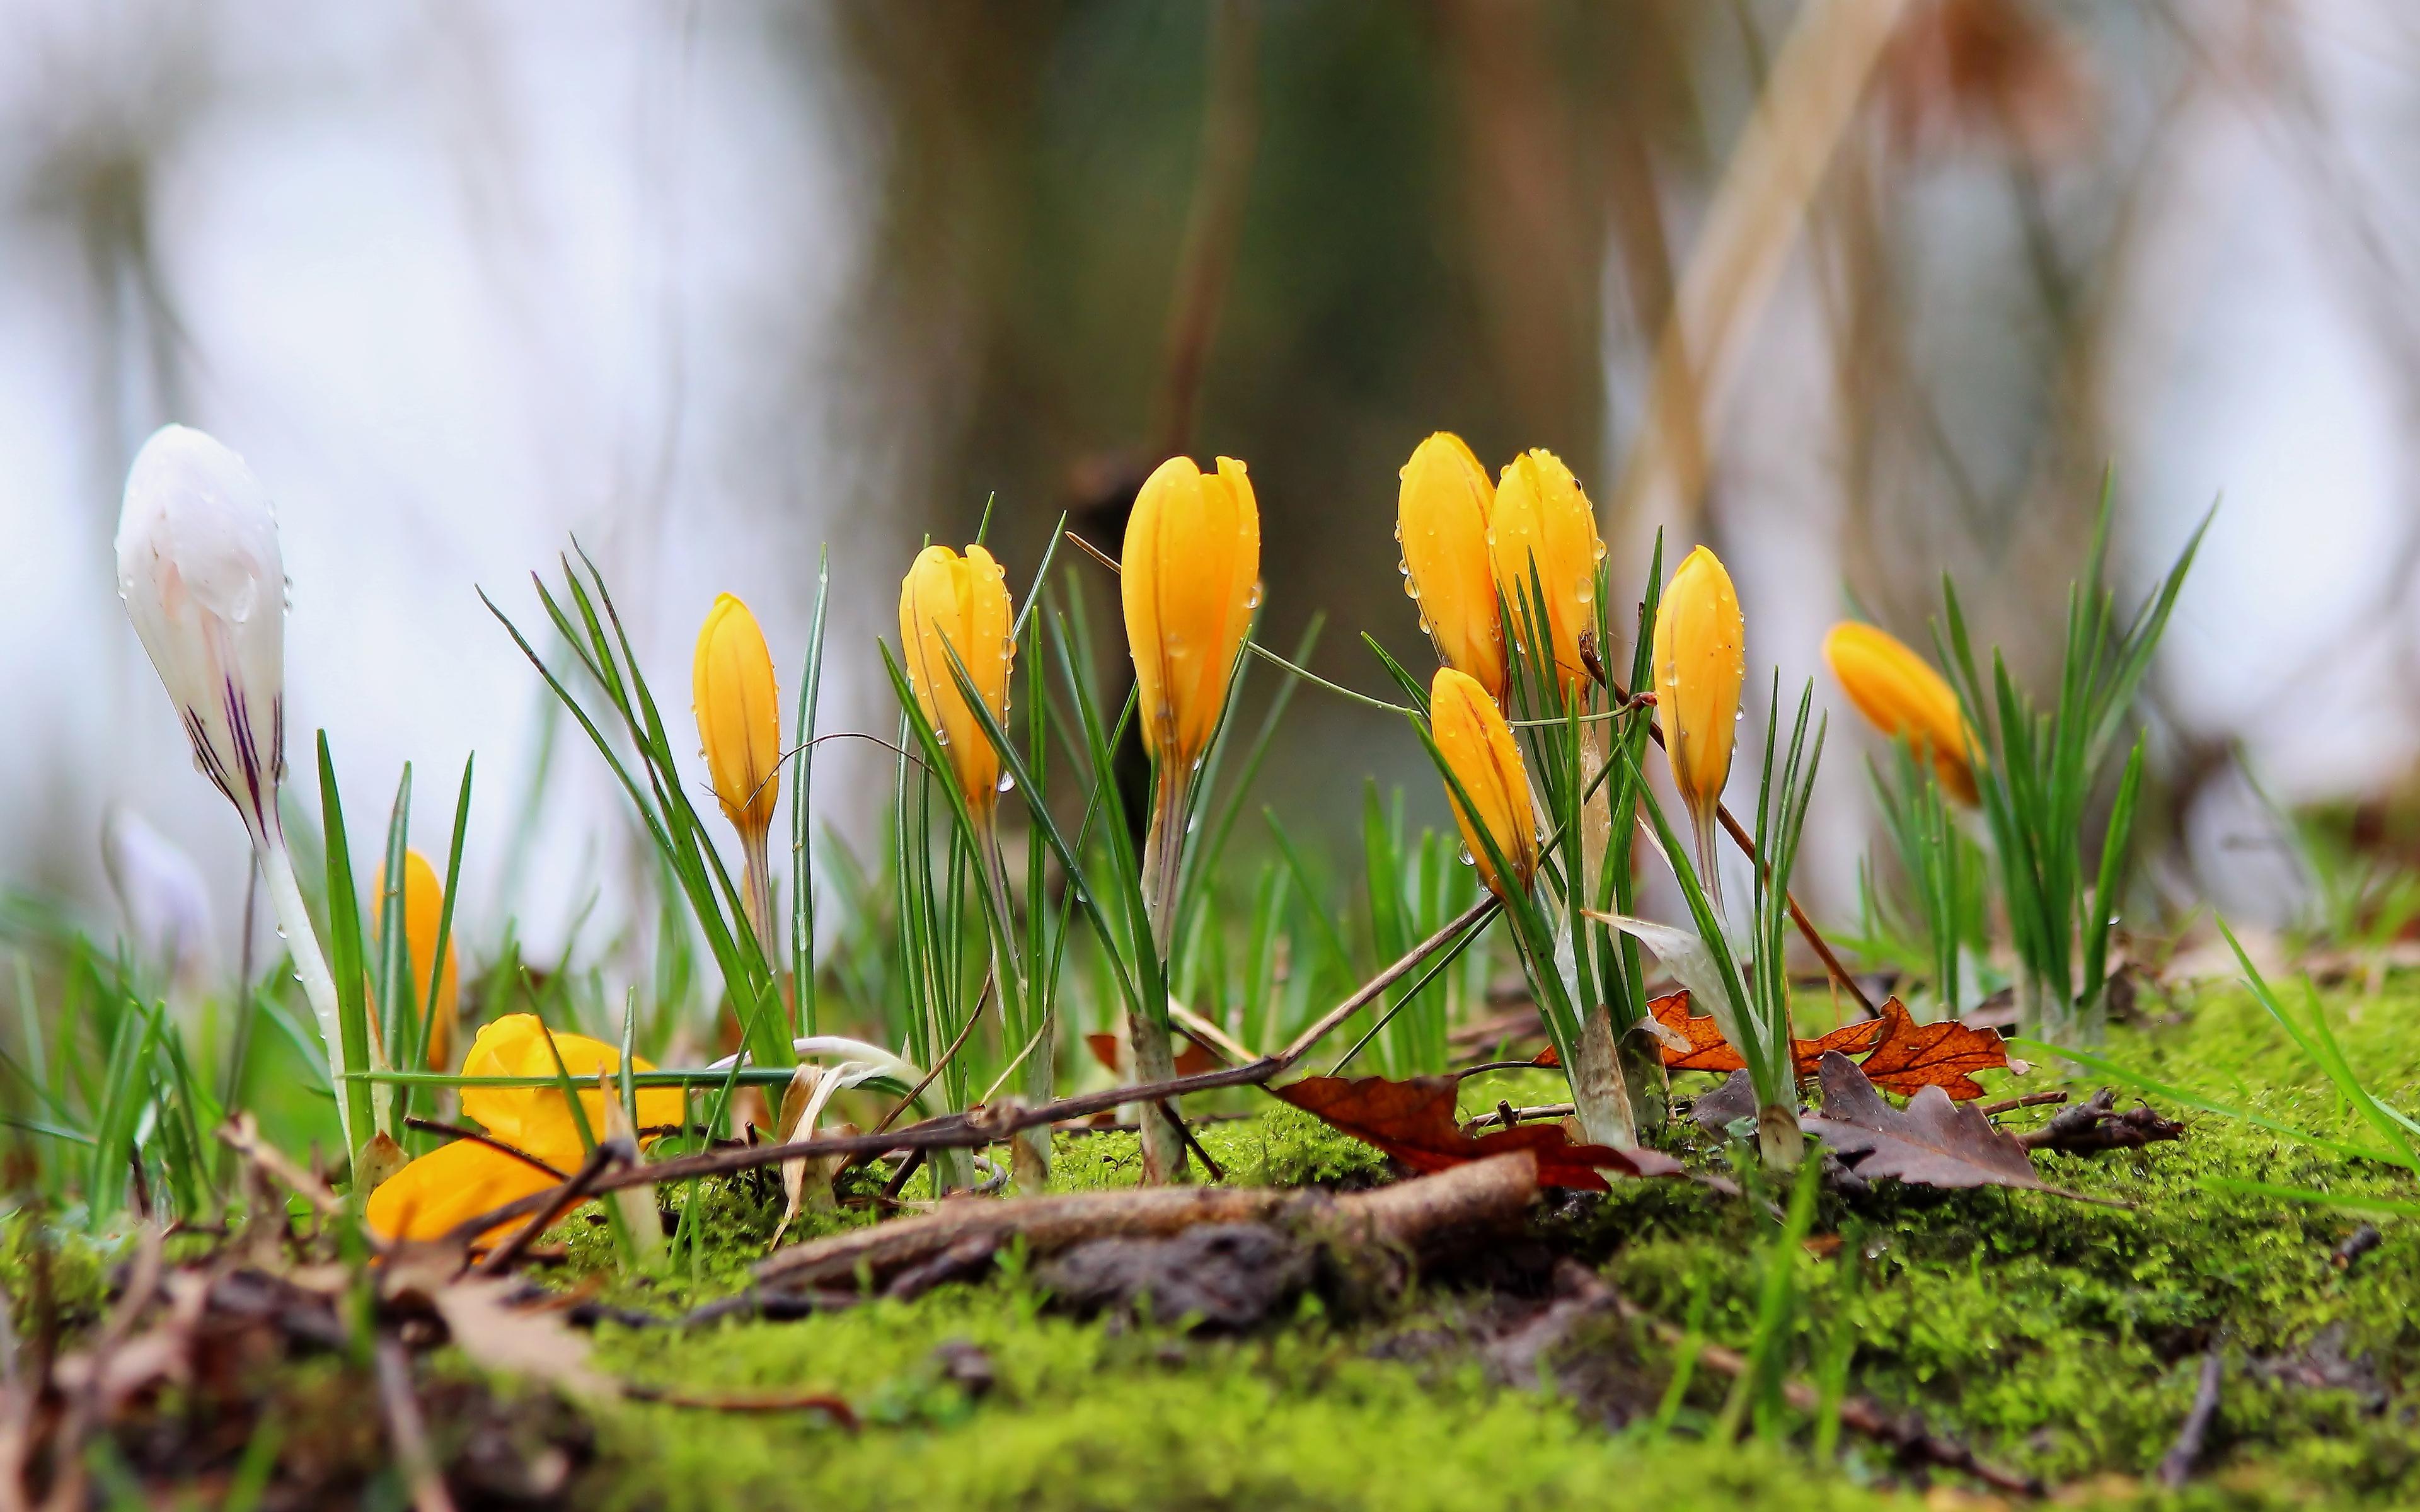 острову картинки весна ранняя крокусы дело организовал